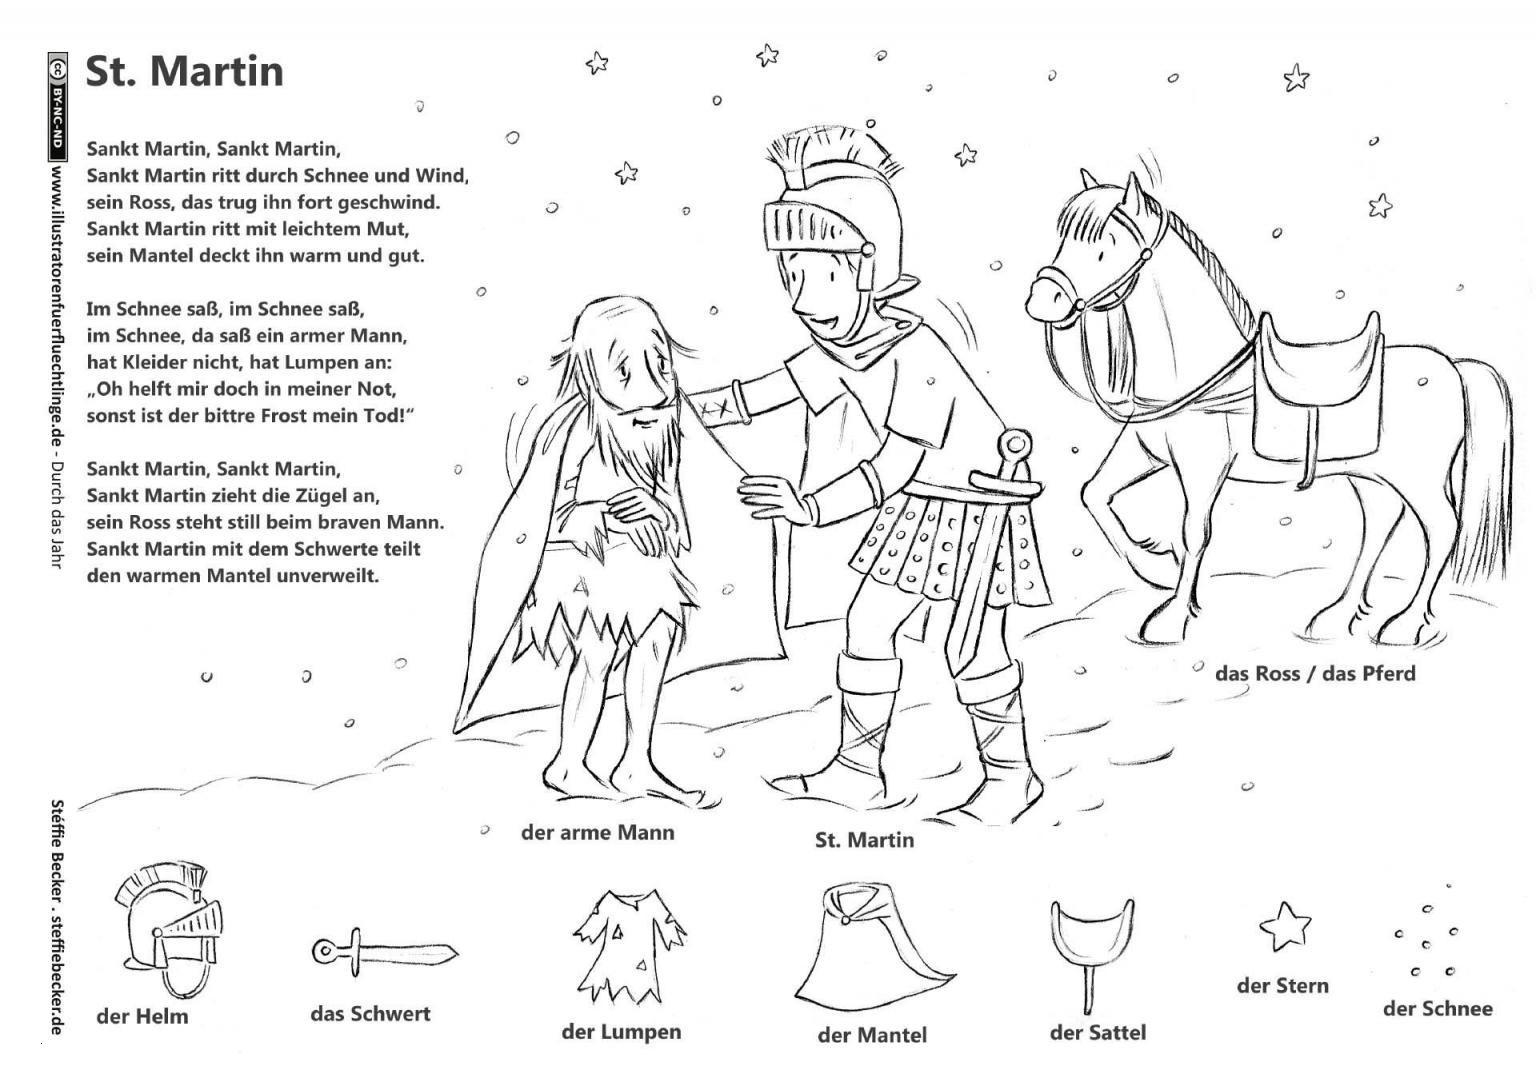 Equestria Girls Ausmalbilder Genial Bayern Ausmalbilder Schön Igel Grundschule 0d Archives Schön Fotos